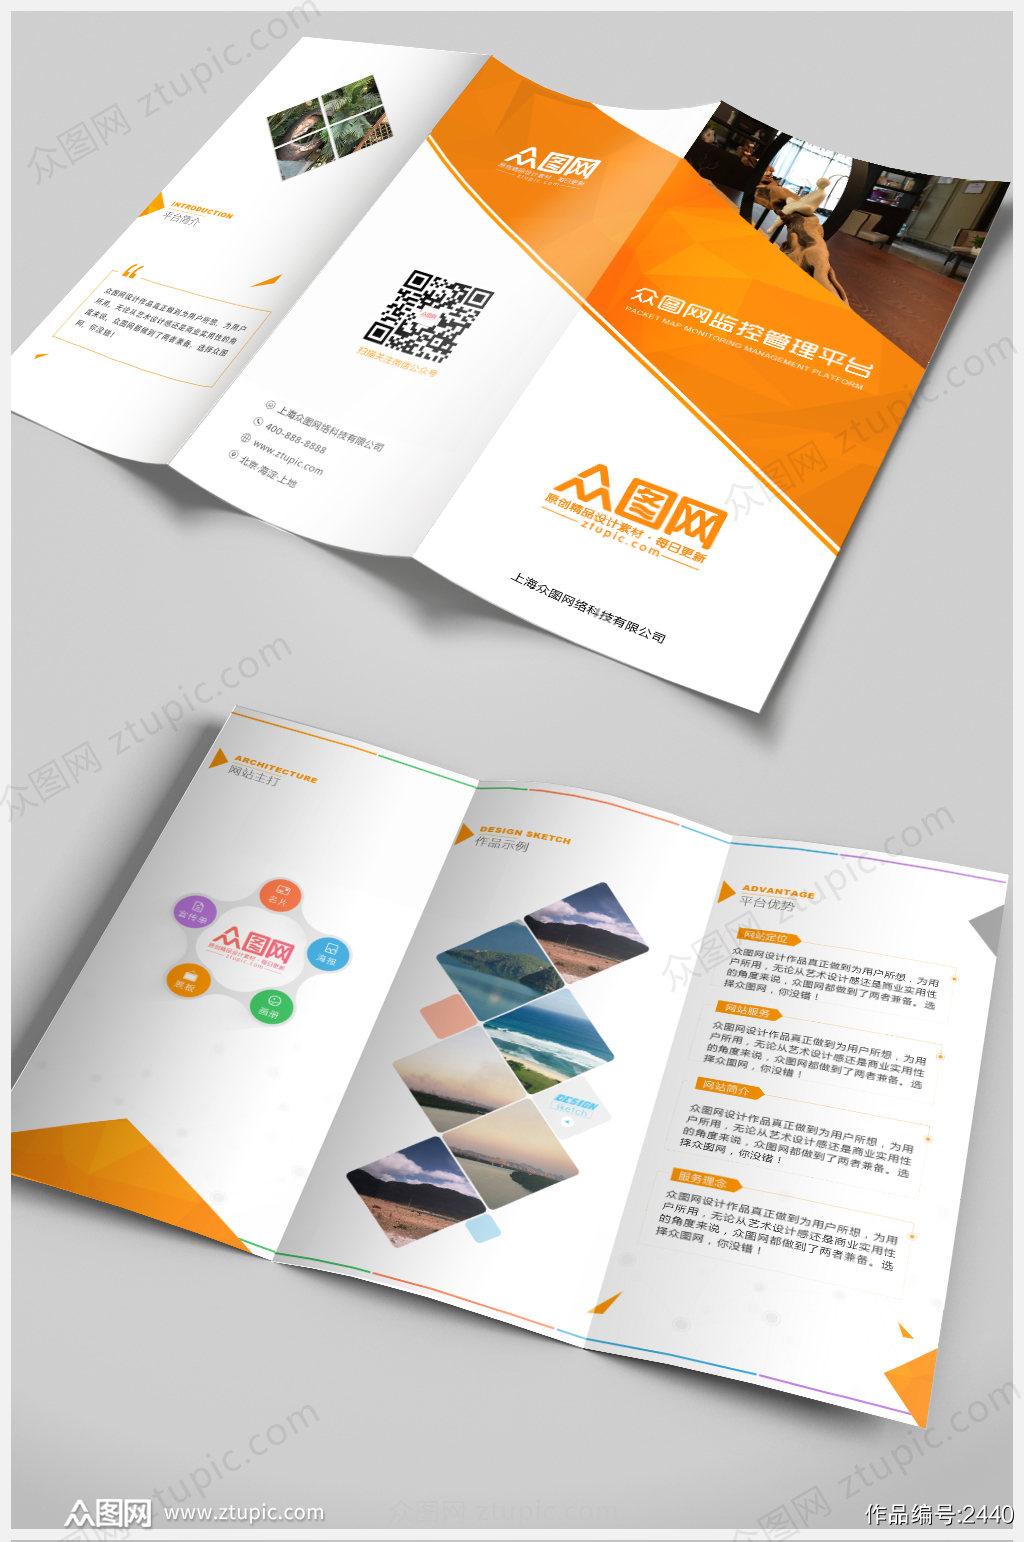 橘色简约时尚大气互联网科技监管产品宣传单三折页素材